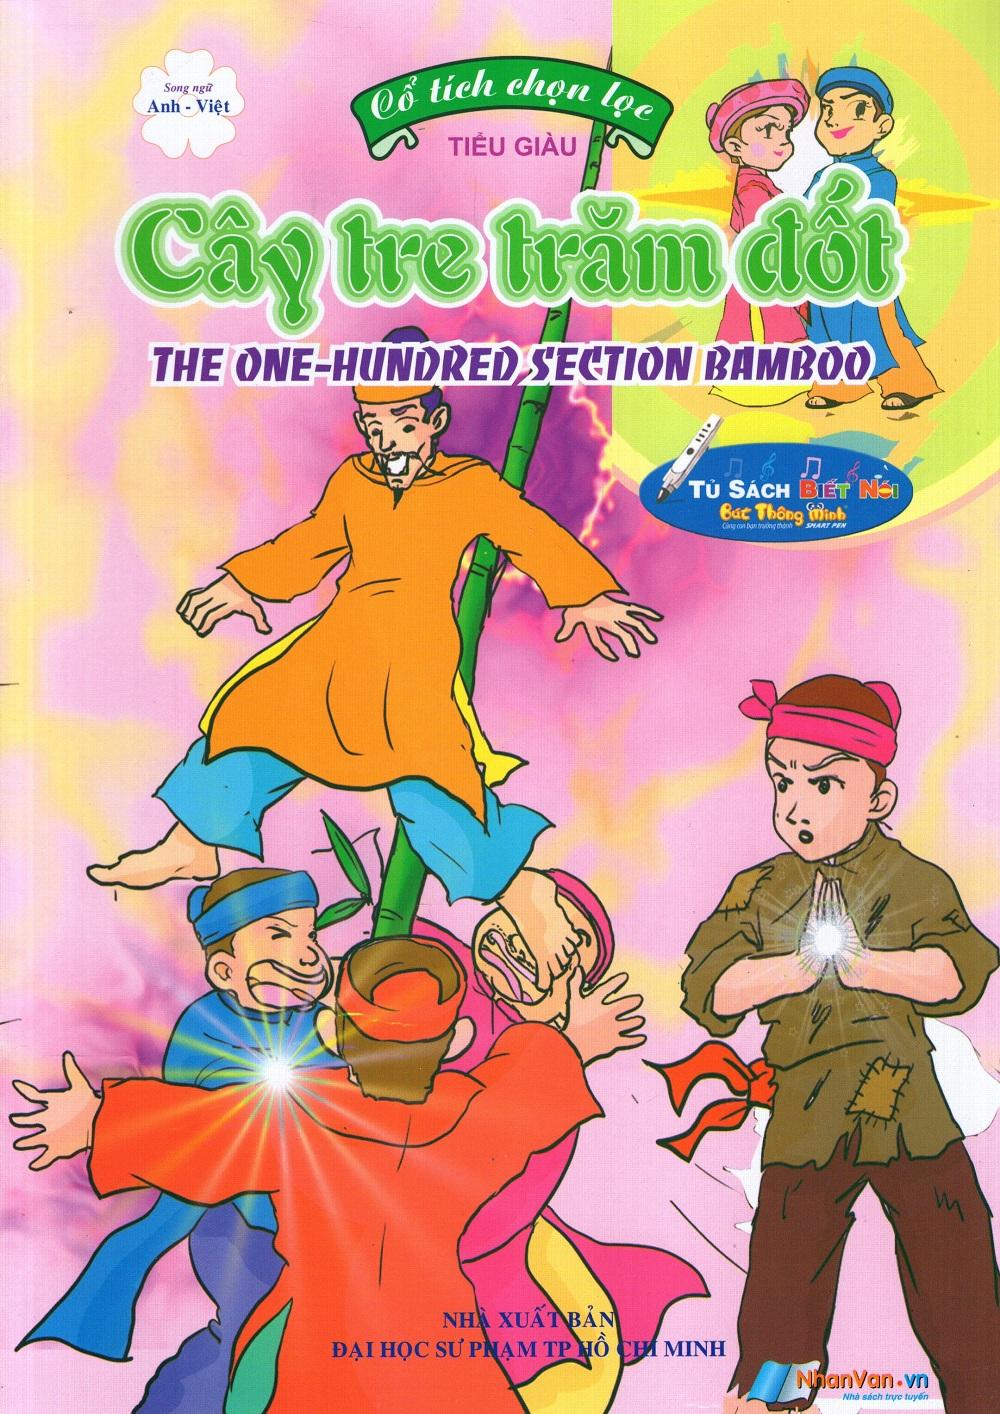 Bìa sách Cổ Tích Chọn Lọc: Cây Tre Trăm Đốt (Song Ngữ Anh - Việt)